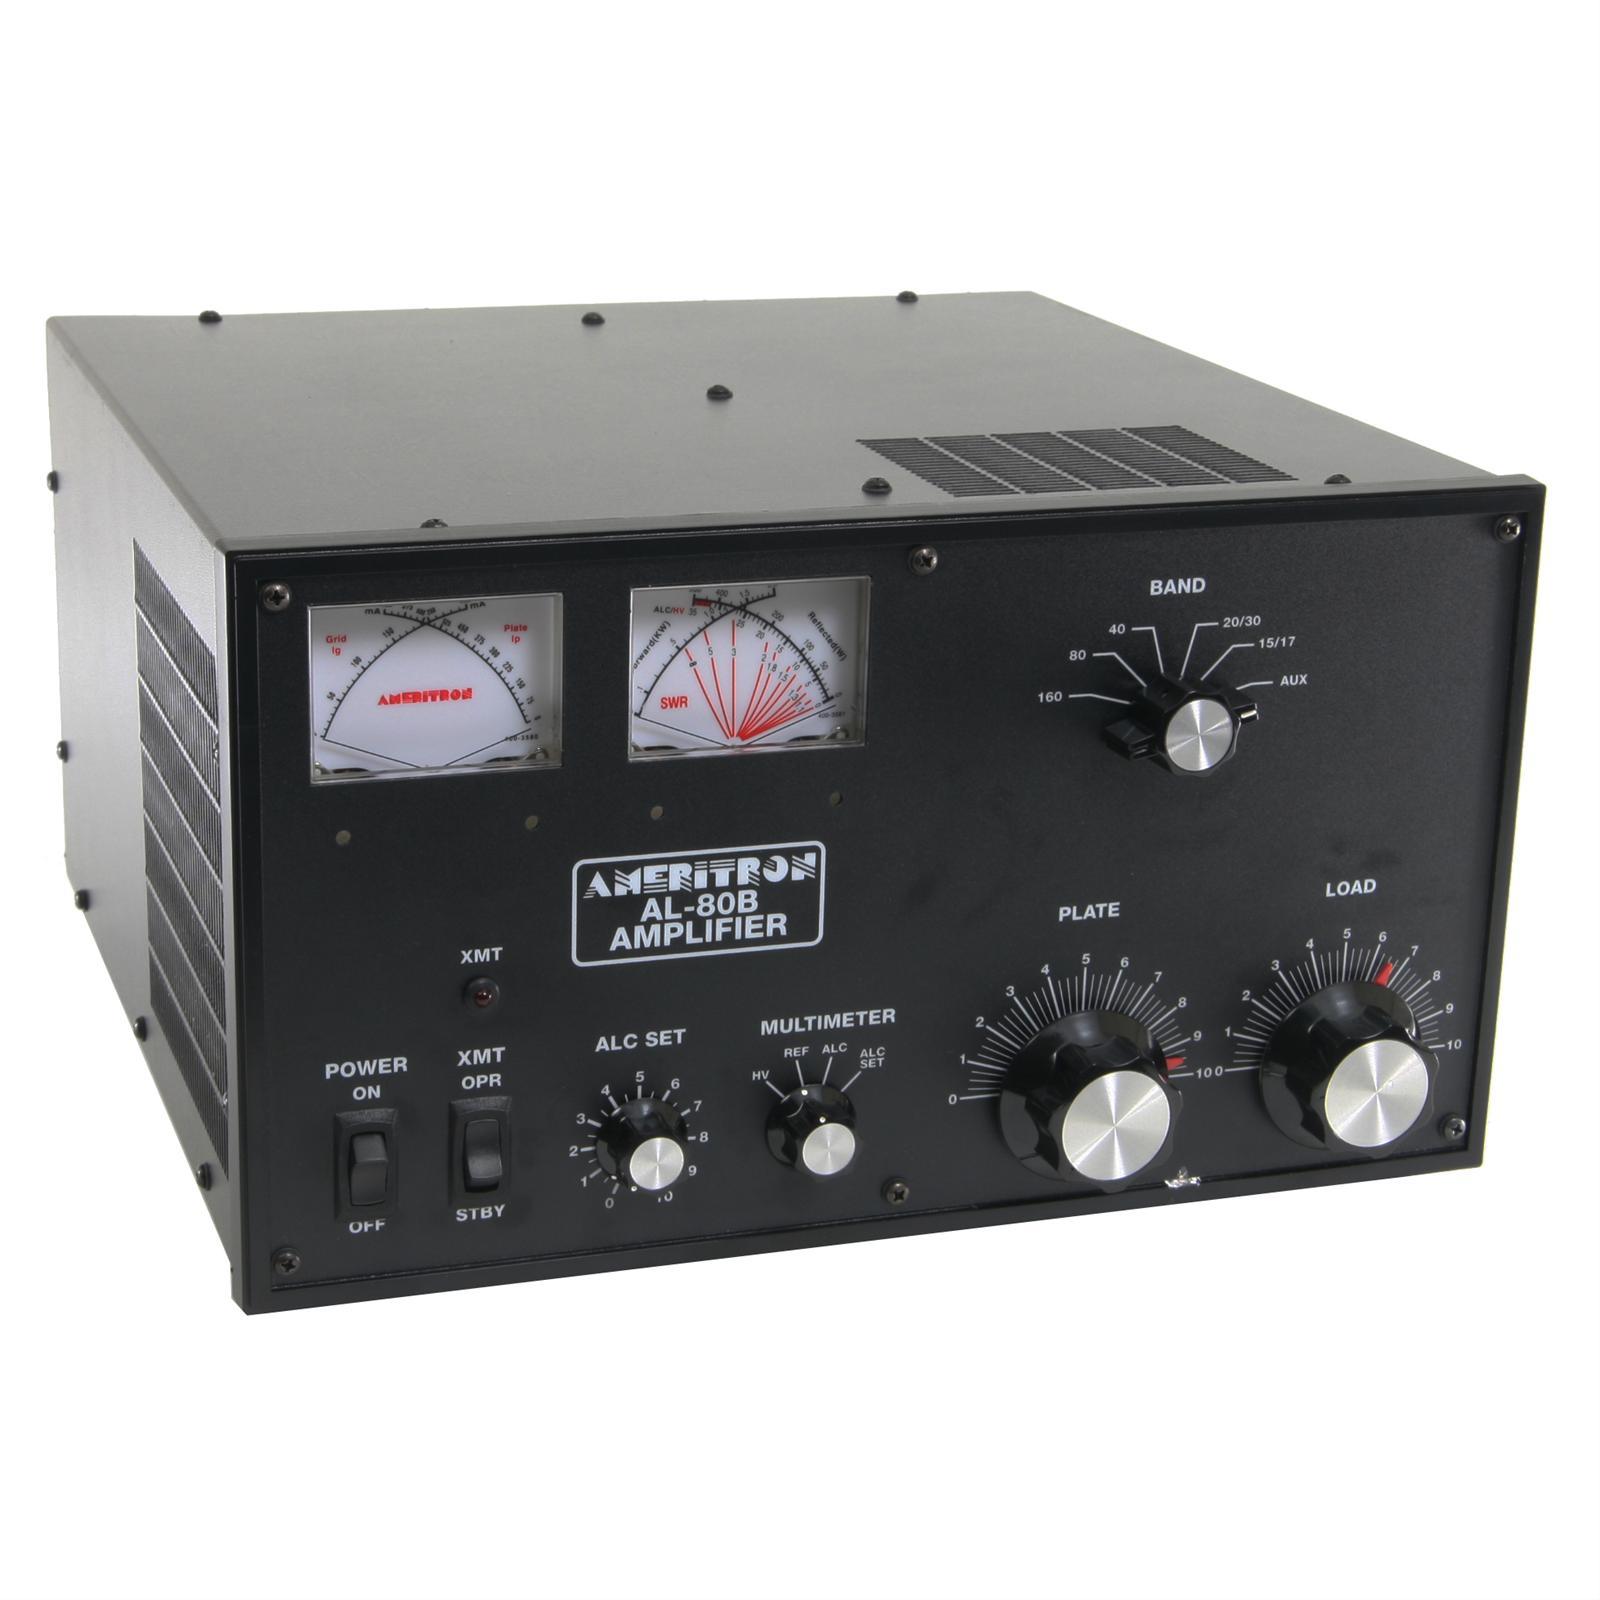 Ameritron HF Power Amplifiers AL-80B